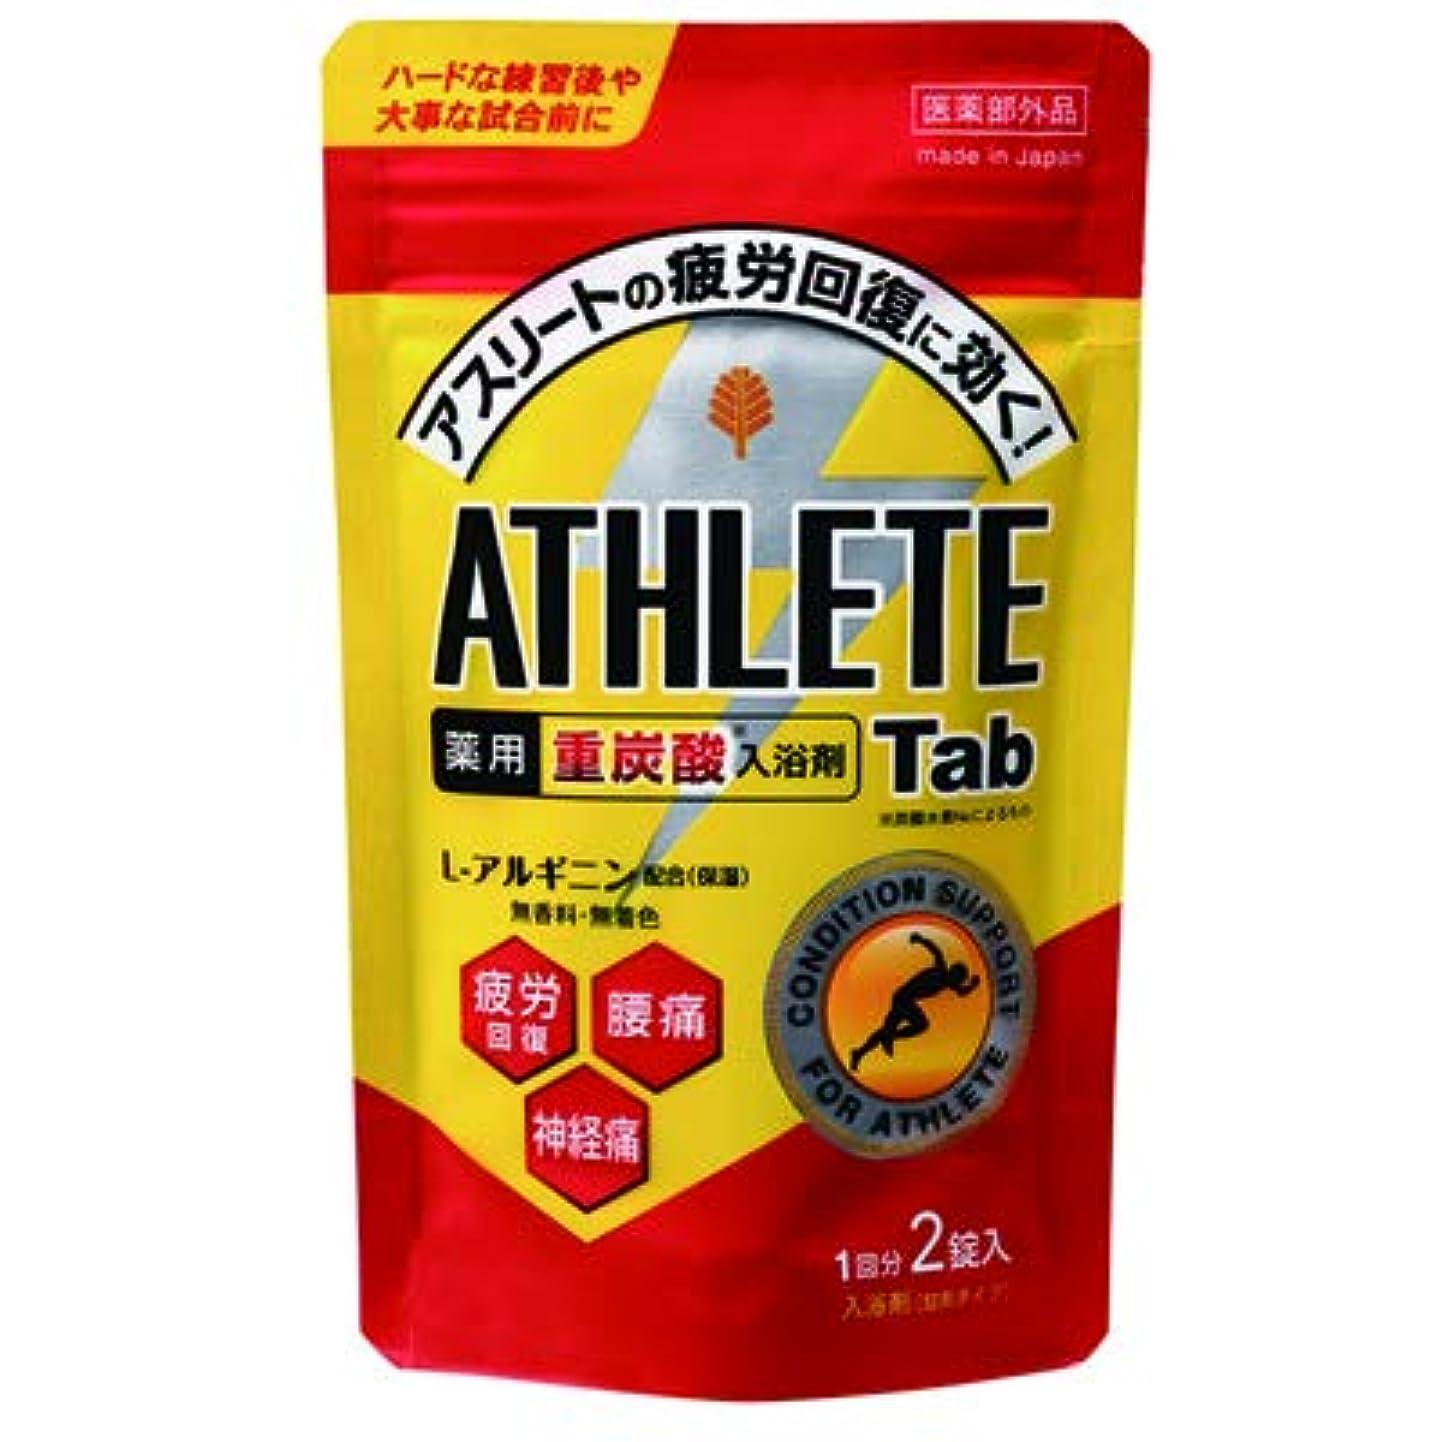 確保する電卓咲くアスリート向け薬用スポーツ入浴剤(重炭酸イオン薬用入浴剤)2錠入(1回分) /日本製